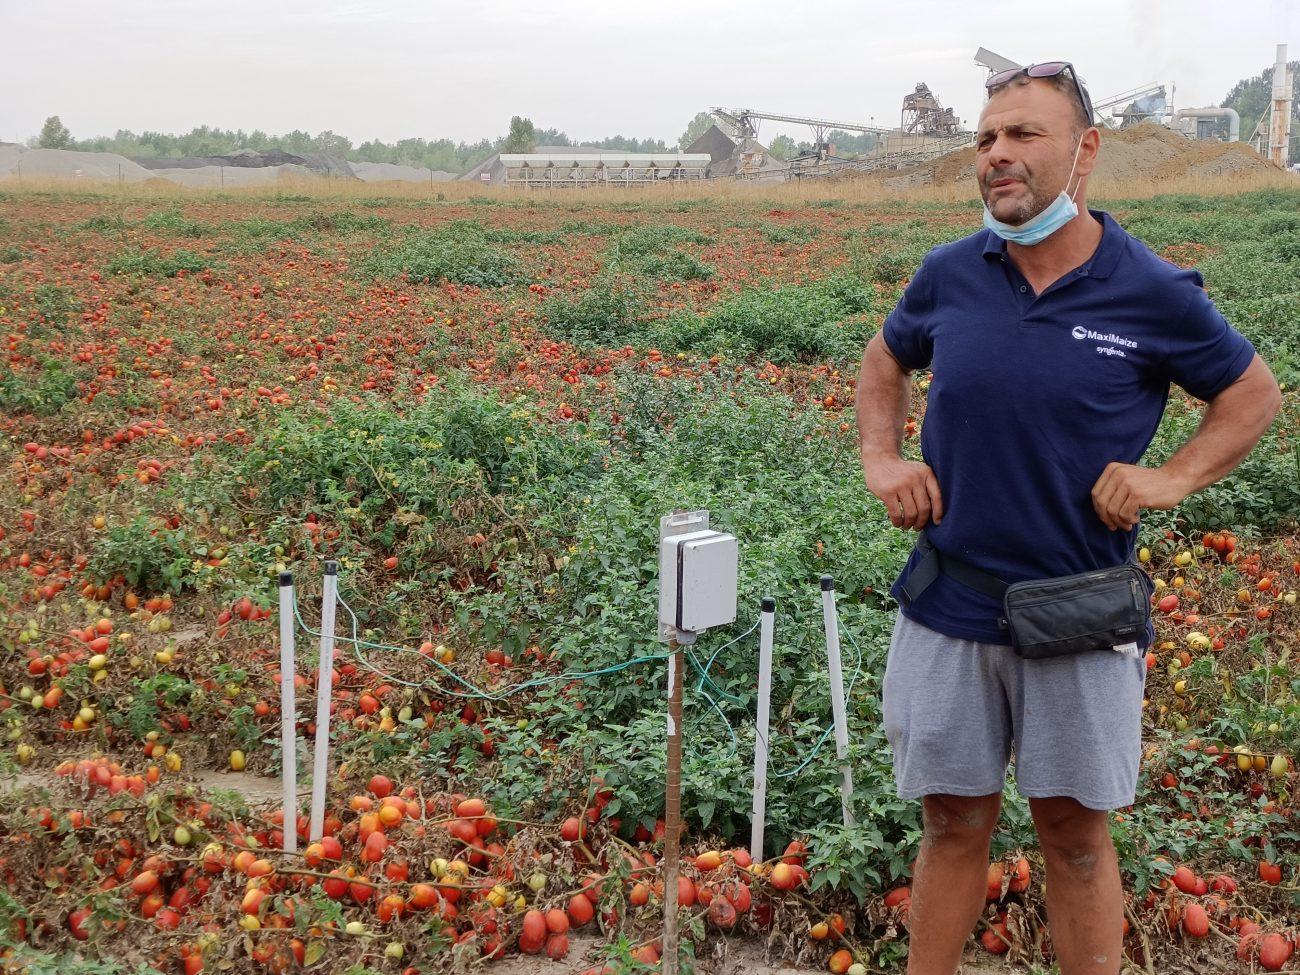 Sostenibilità -40% di acqua per irrigazione dei pomodori grazie alla tecnologia